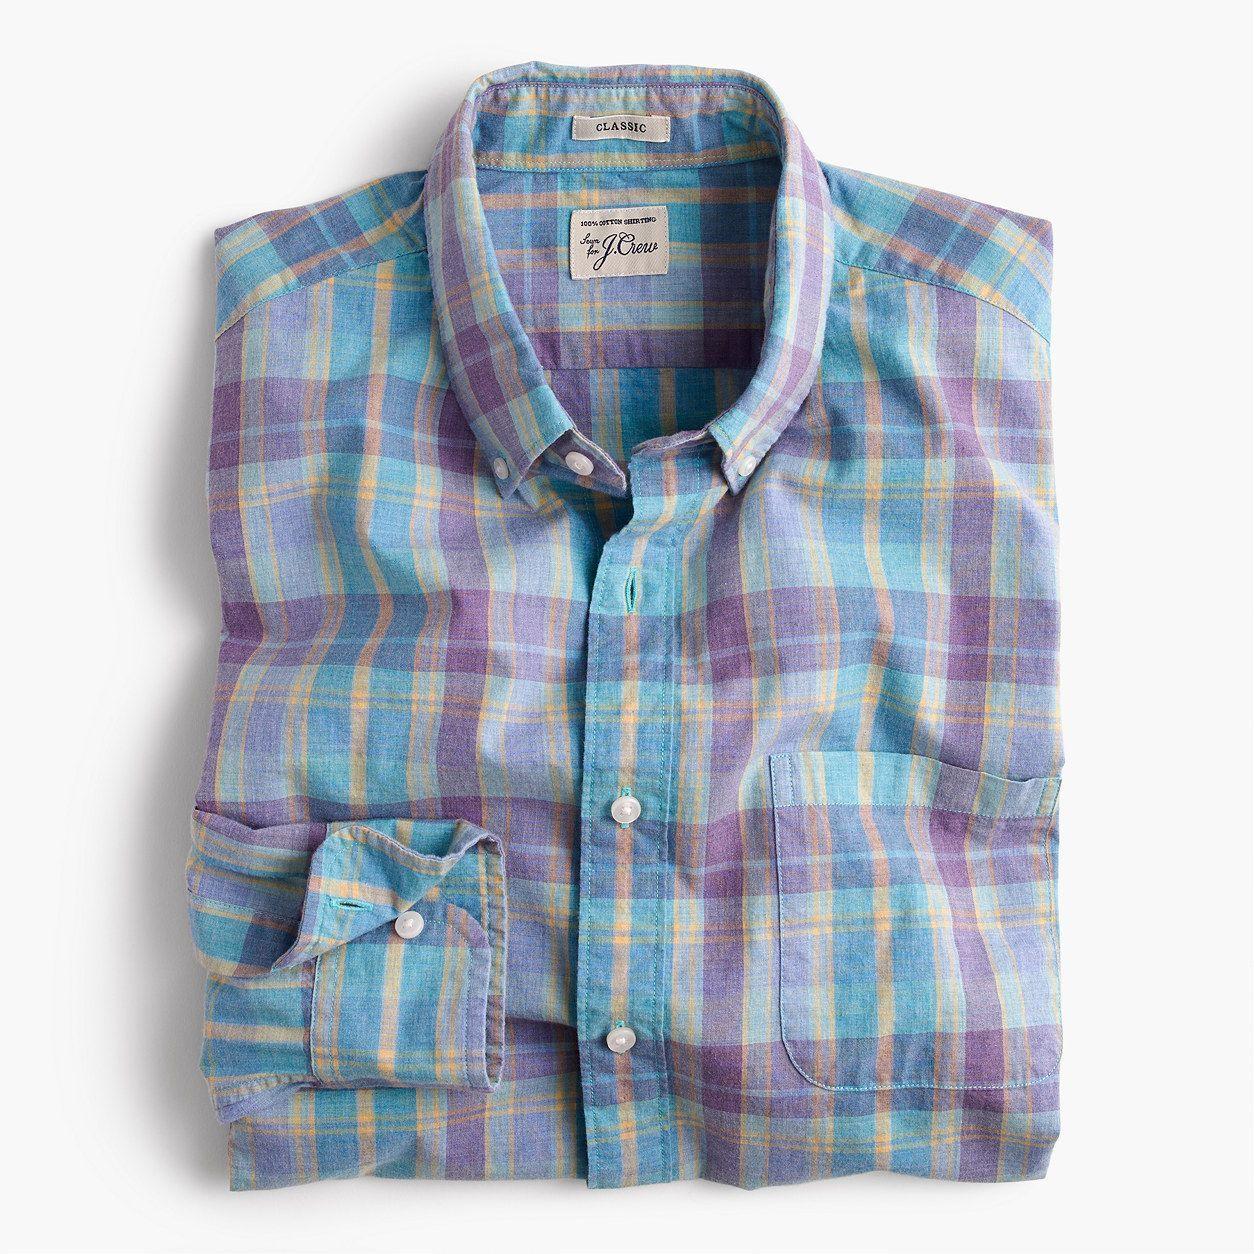 J.Crew Mens Tall Secret Wash Shirt In Heather Poplin Plaid (Size XL Tall)